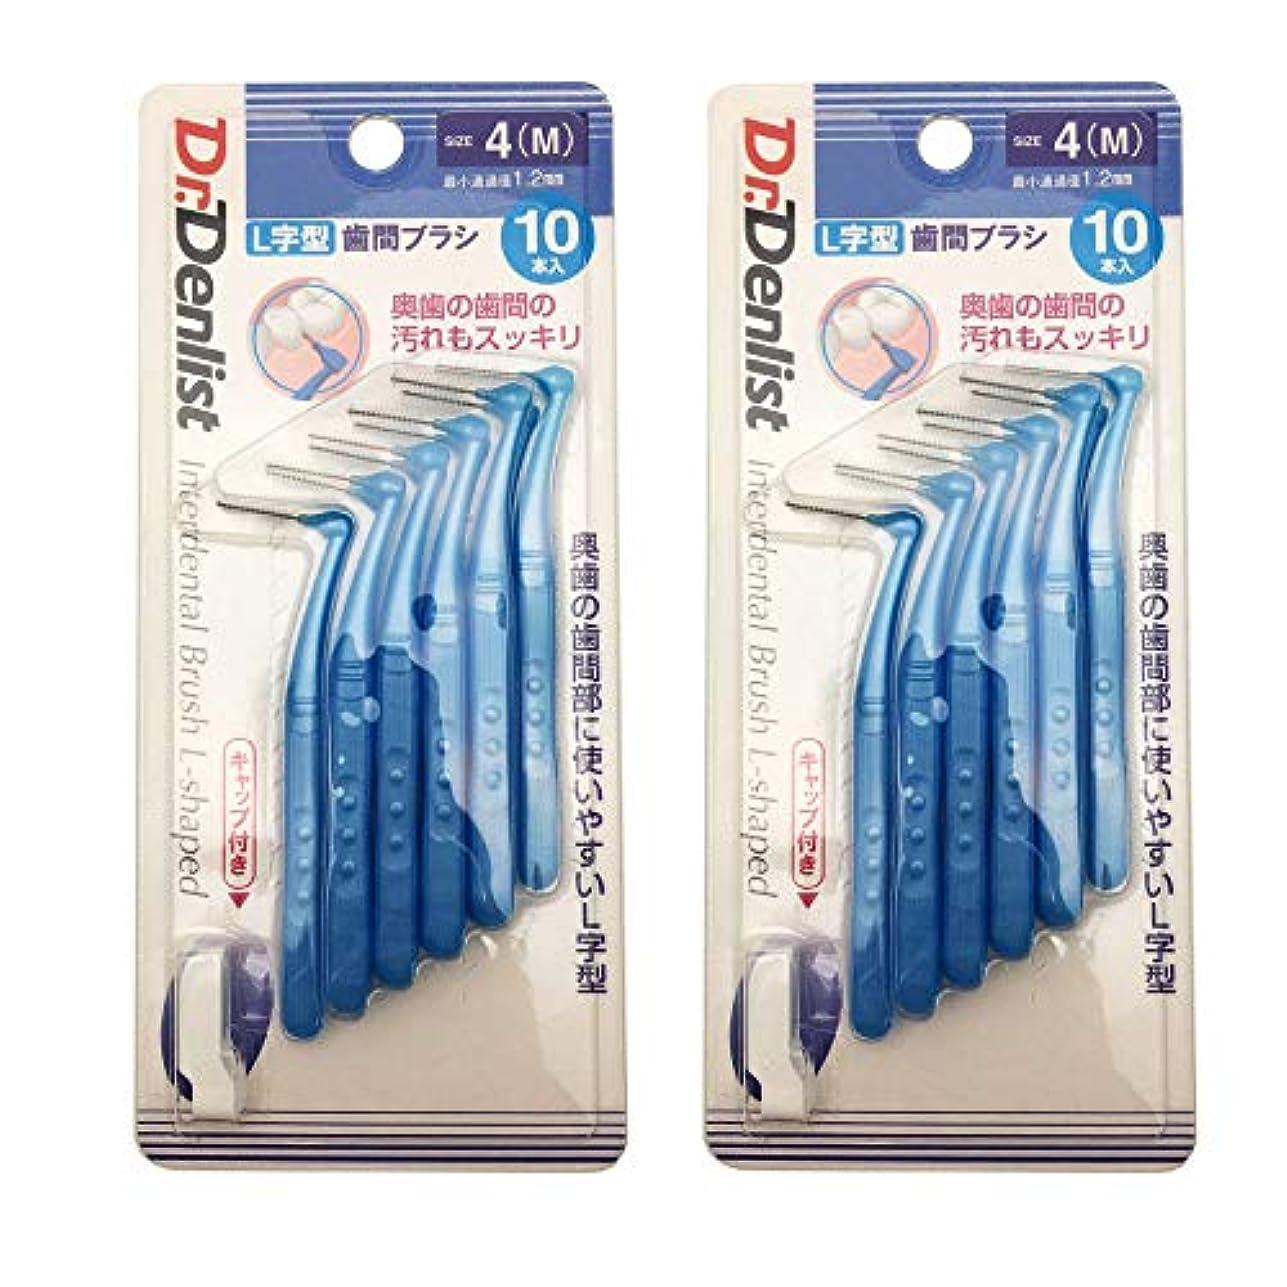 航空機肉腫写真撮影歯間ブラシL字型4(M) 10本×2個(計20本セット)最少通過径1.2mm Dr.??????l字型 歯間清掃 歯間 ようじ